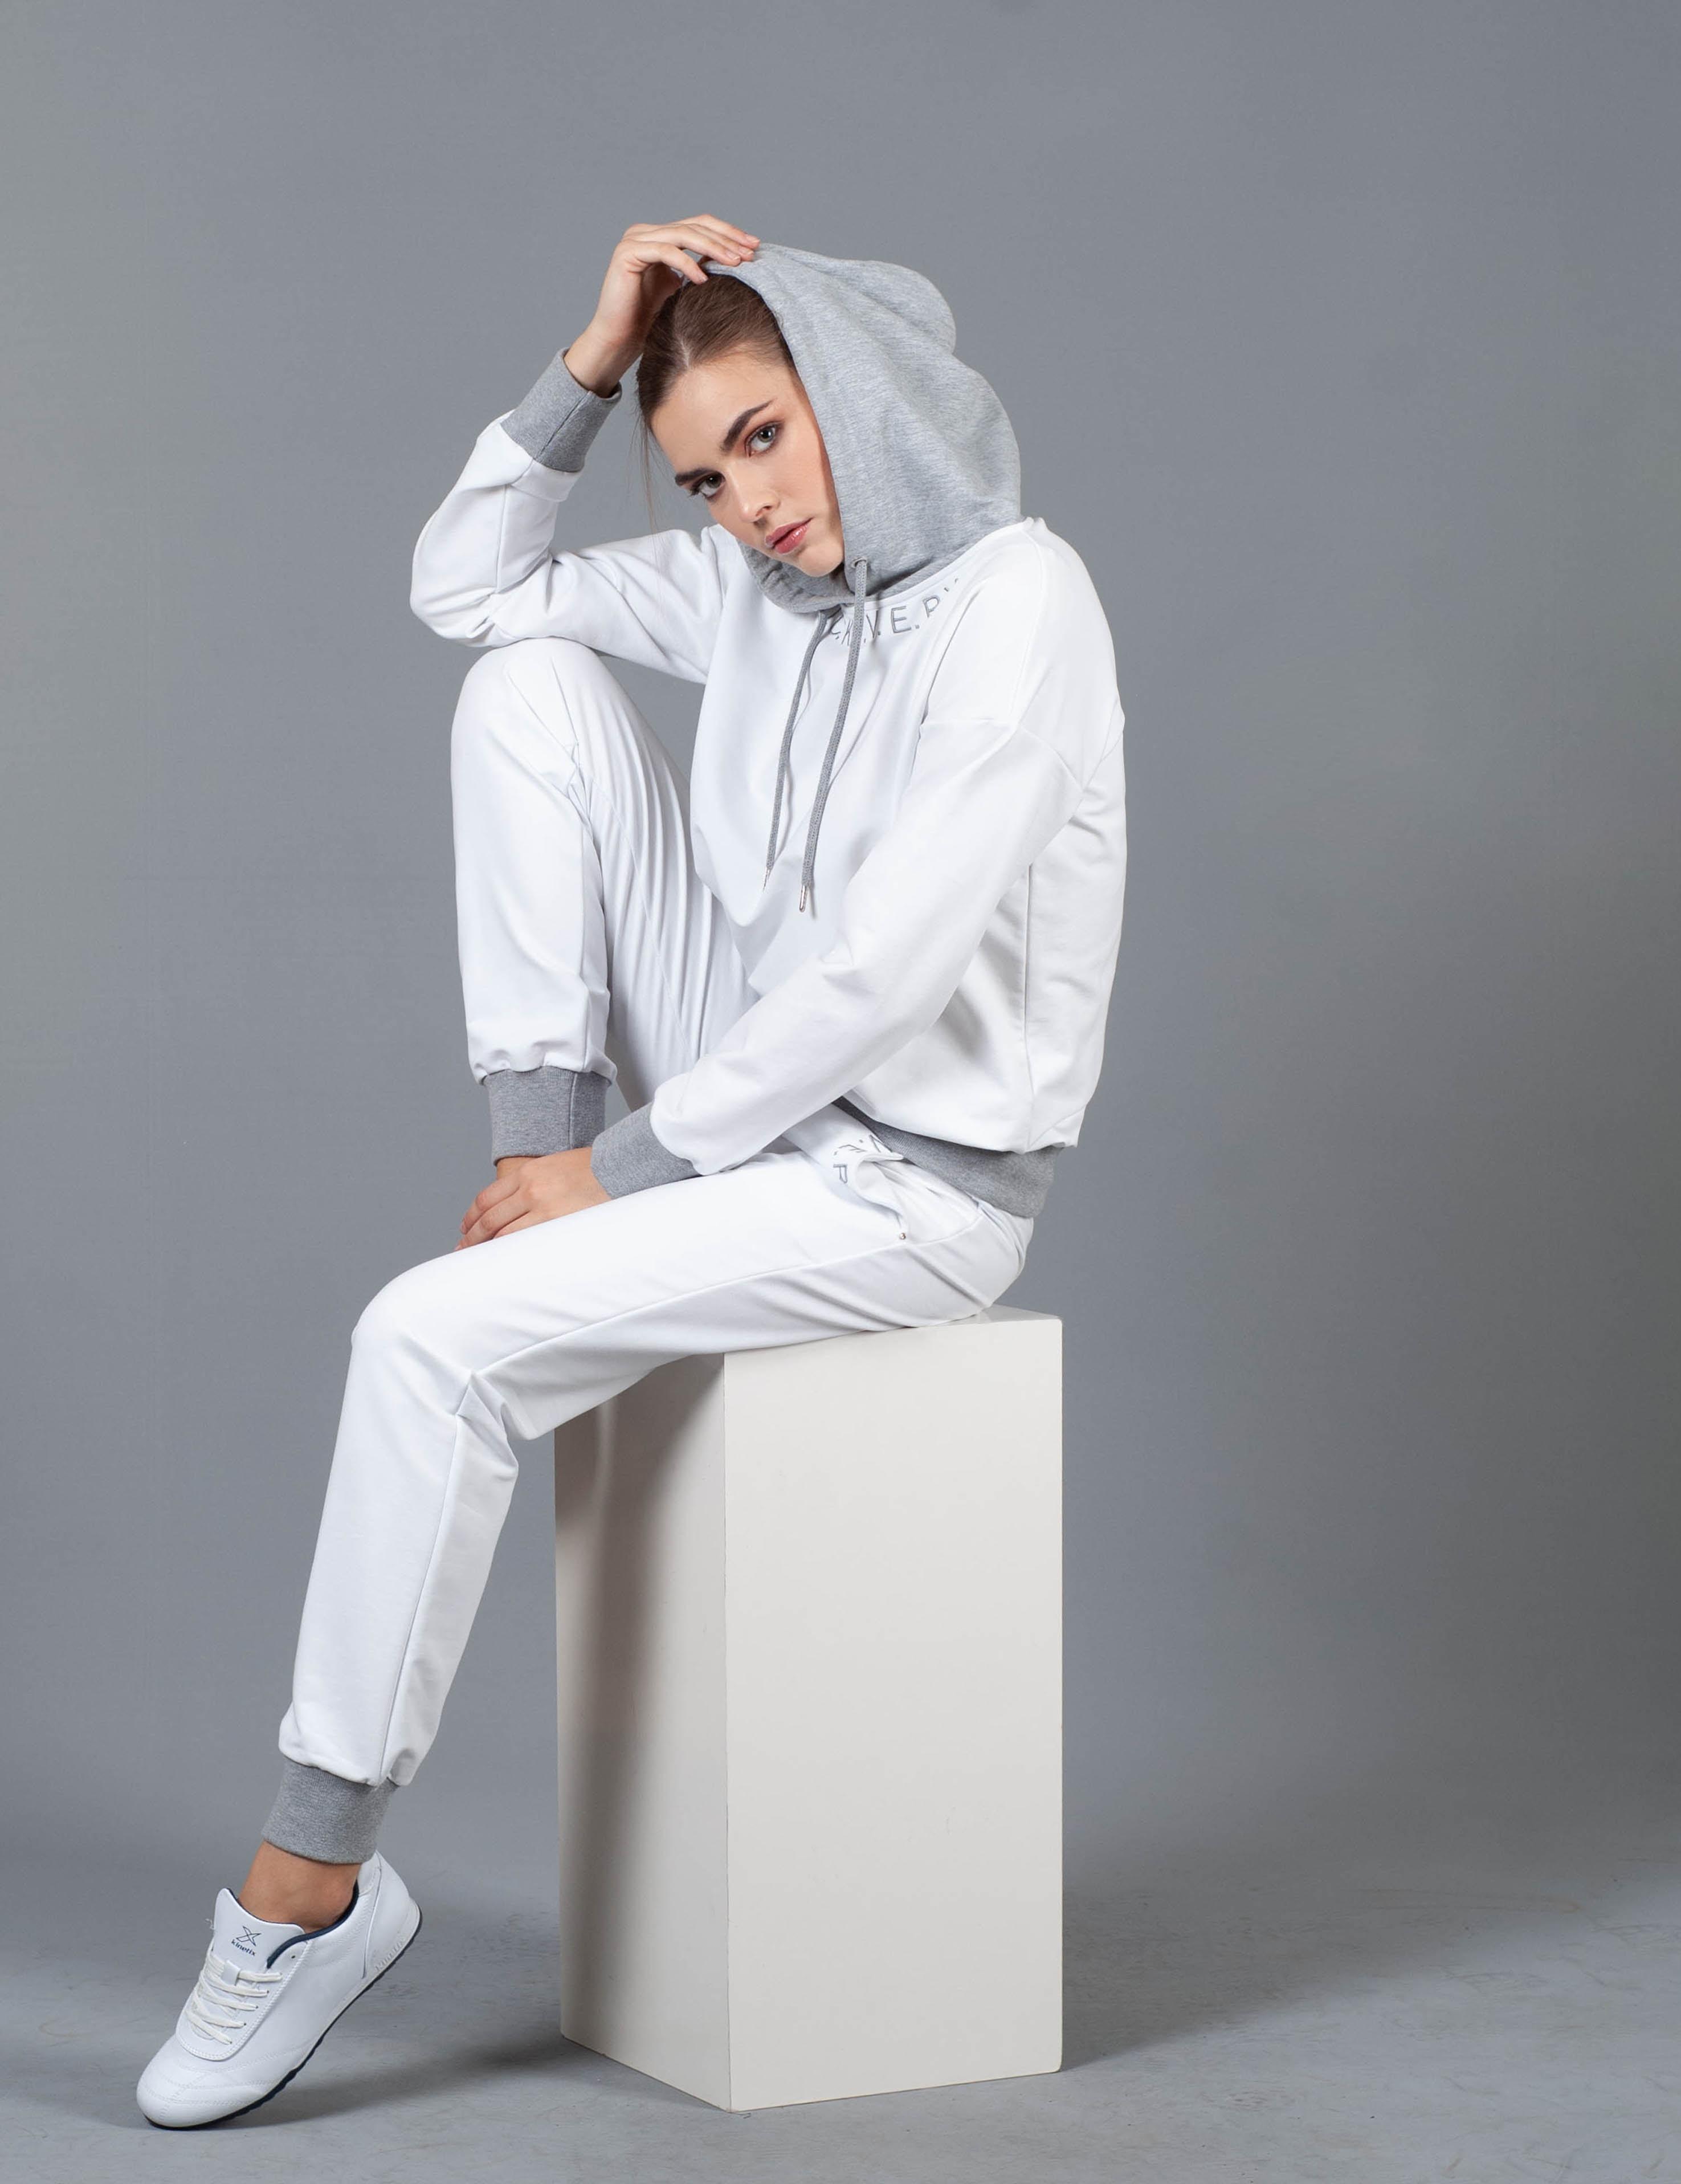 women's white long sleeve dress